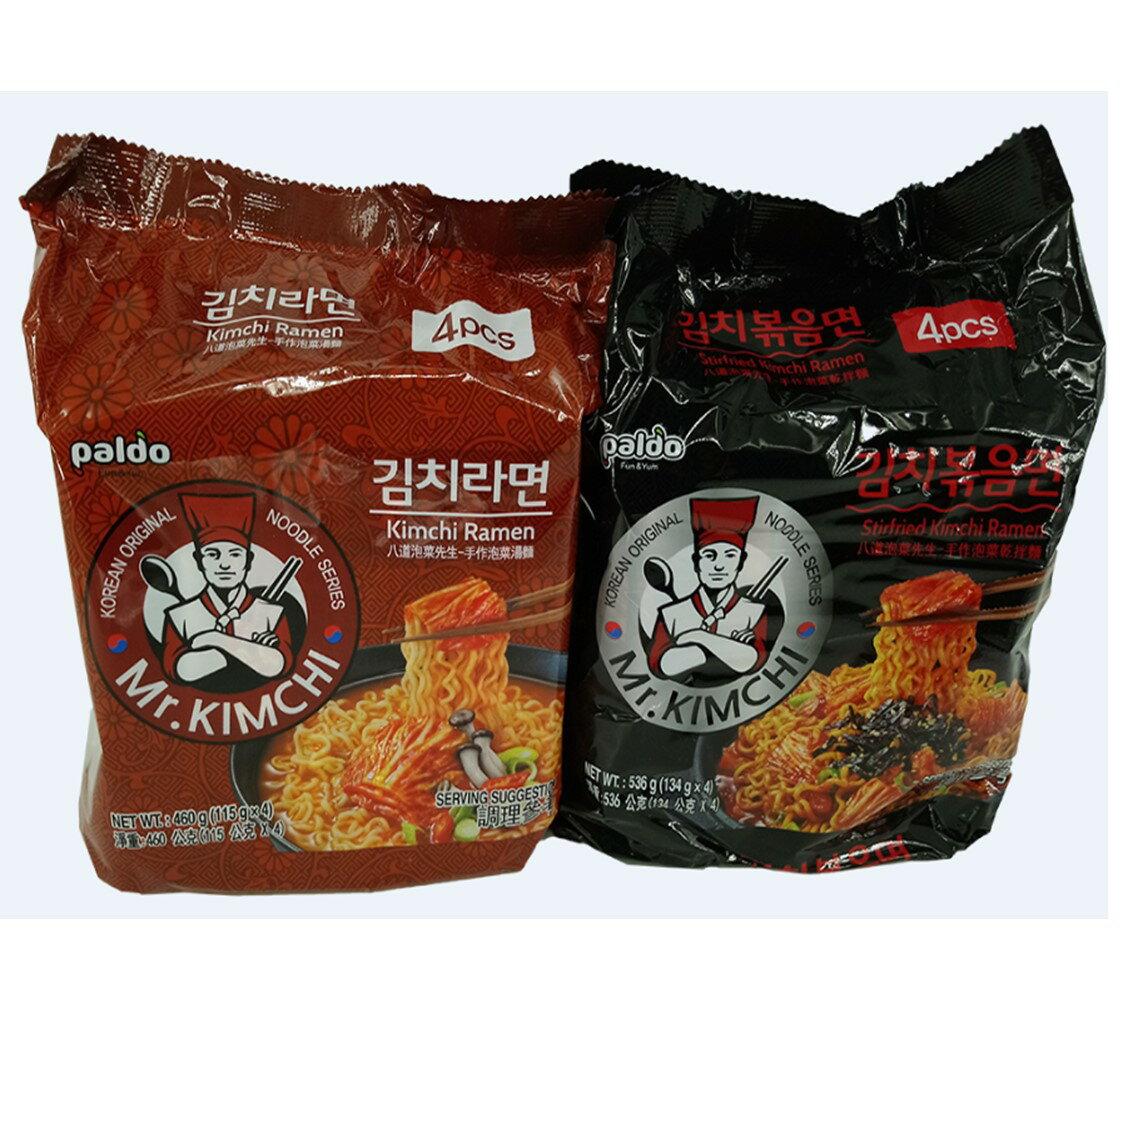 韓國 八道Paldo 泡菜先生手作泡菜湯麵/乾拌麵(4包入) 款式可選